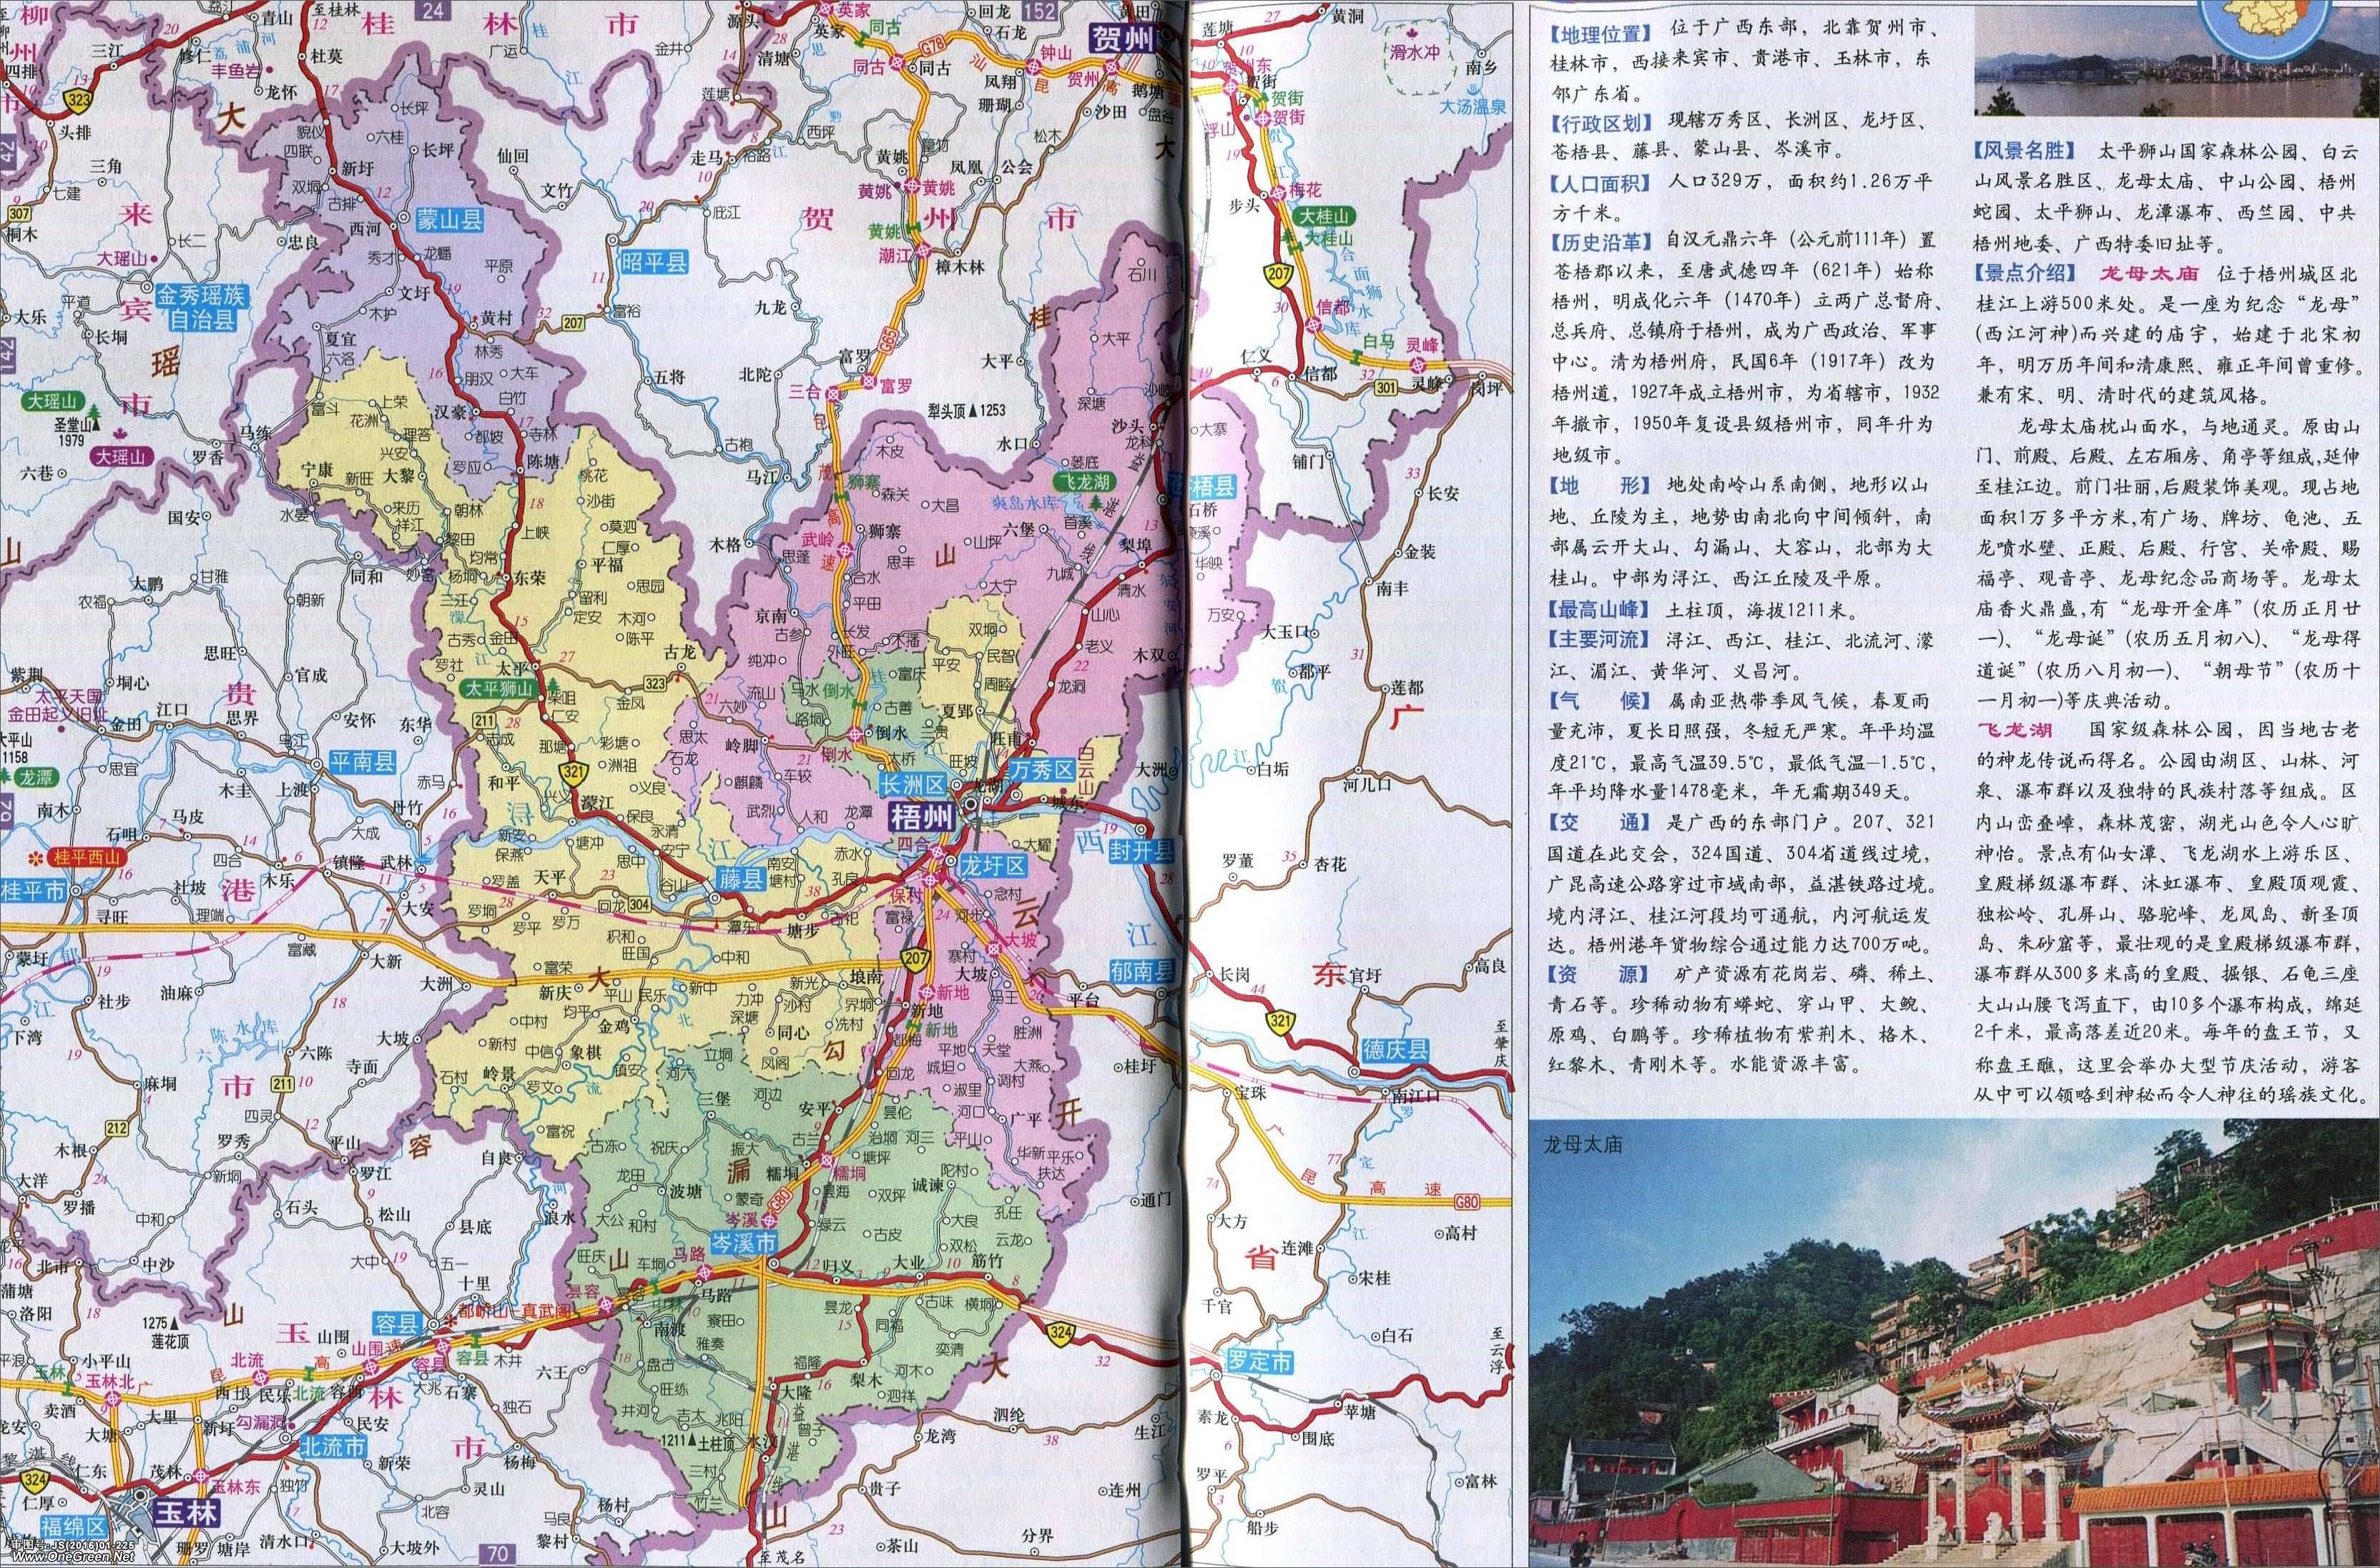 来宾市_梧州市区地图高清版_梧州地图库_地图窝